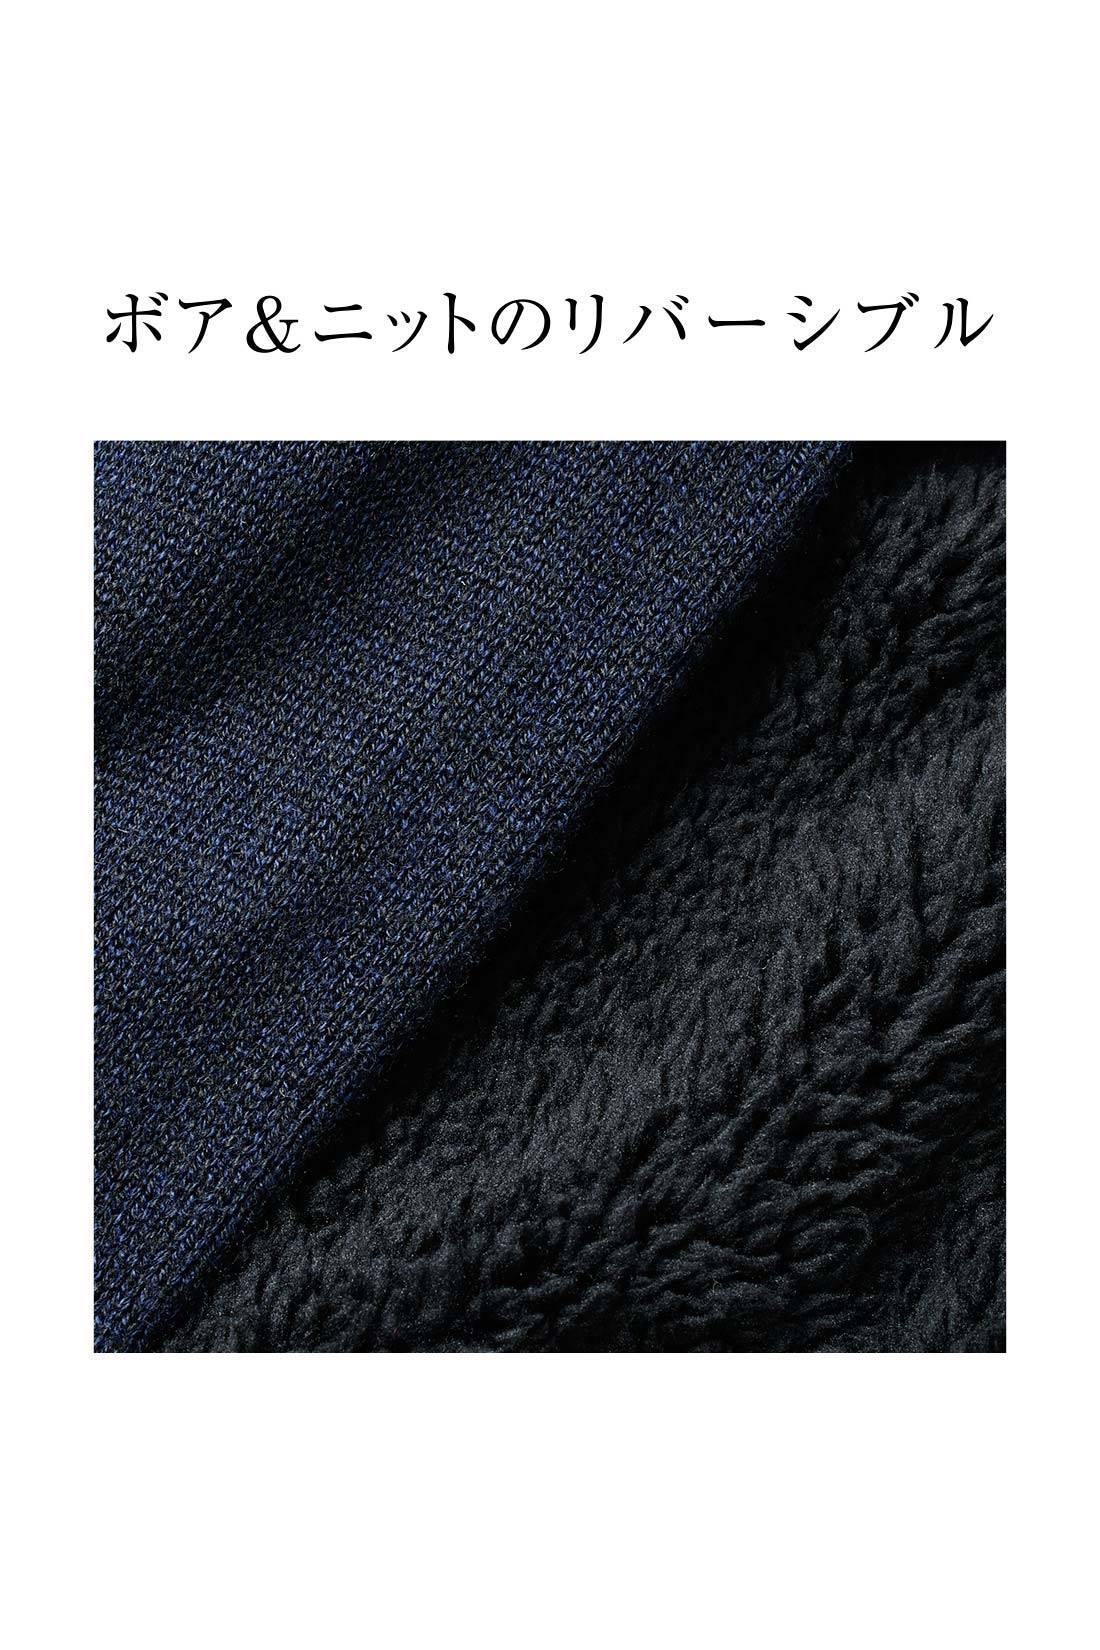 きれいめな天じく編みニットとカジュアルすぎない暖かいボアとのリバーシブル素材。ストレスフリーな着心地です。